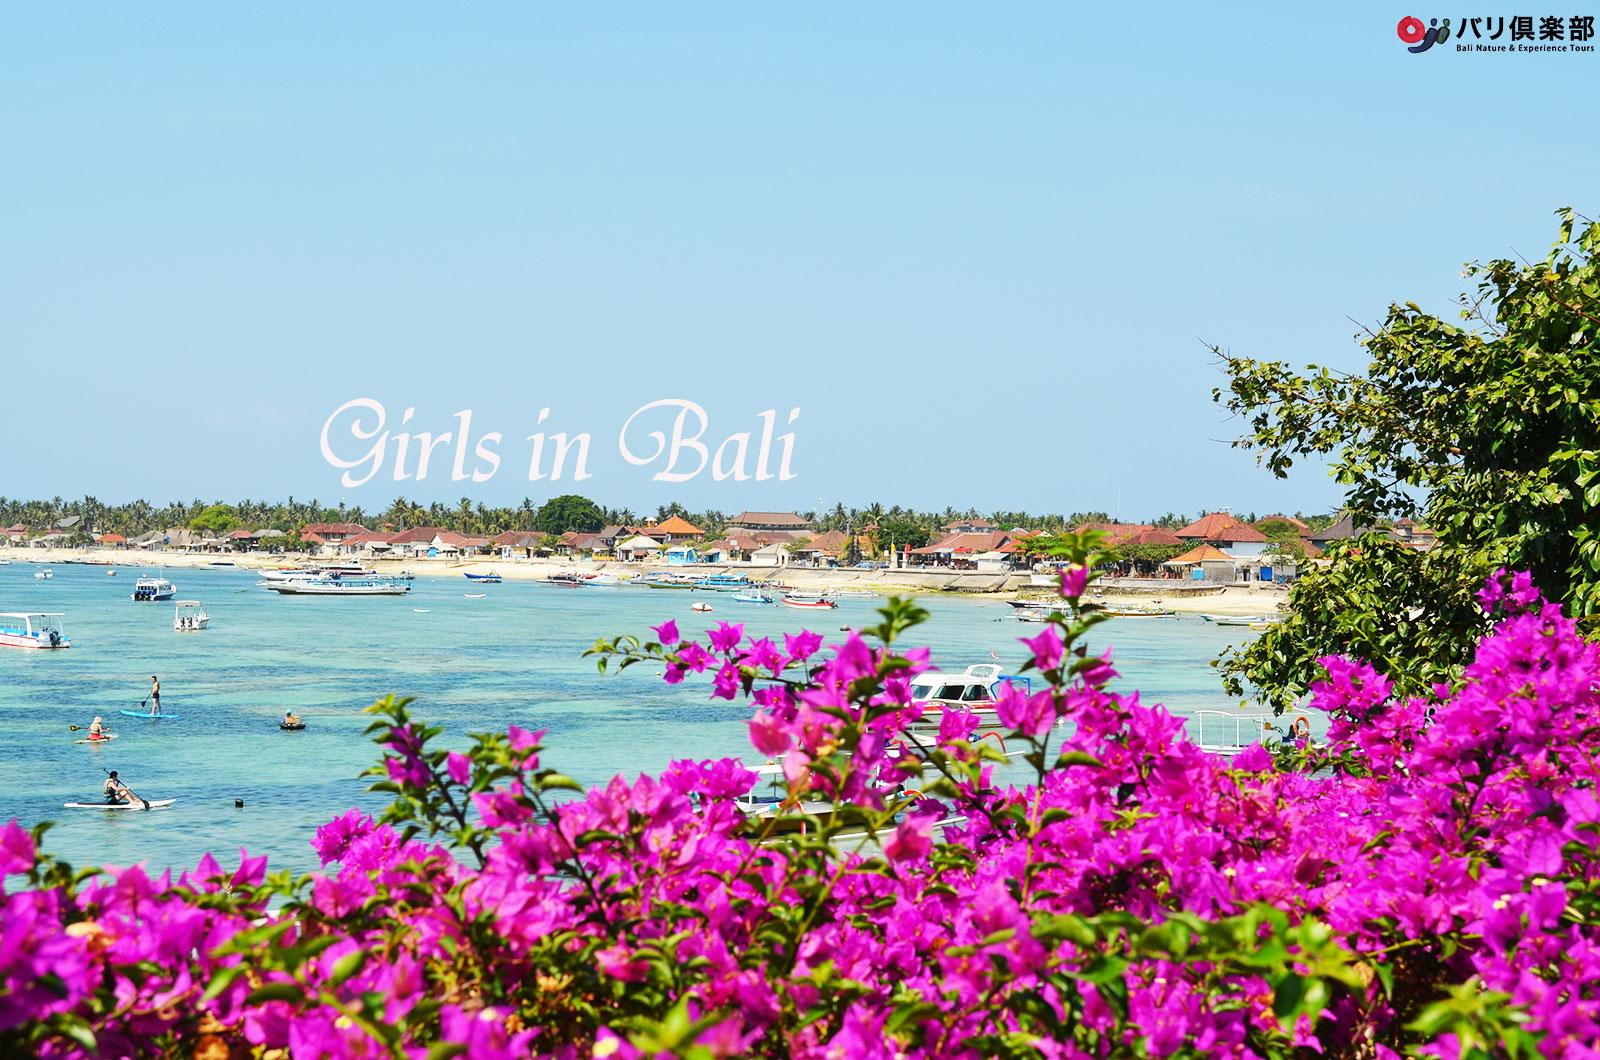 バリ島,女の子,ブログ